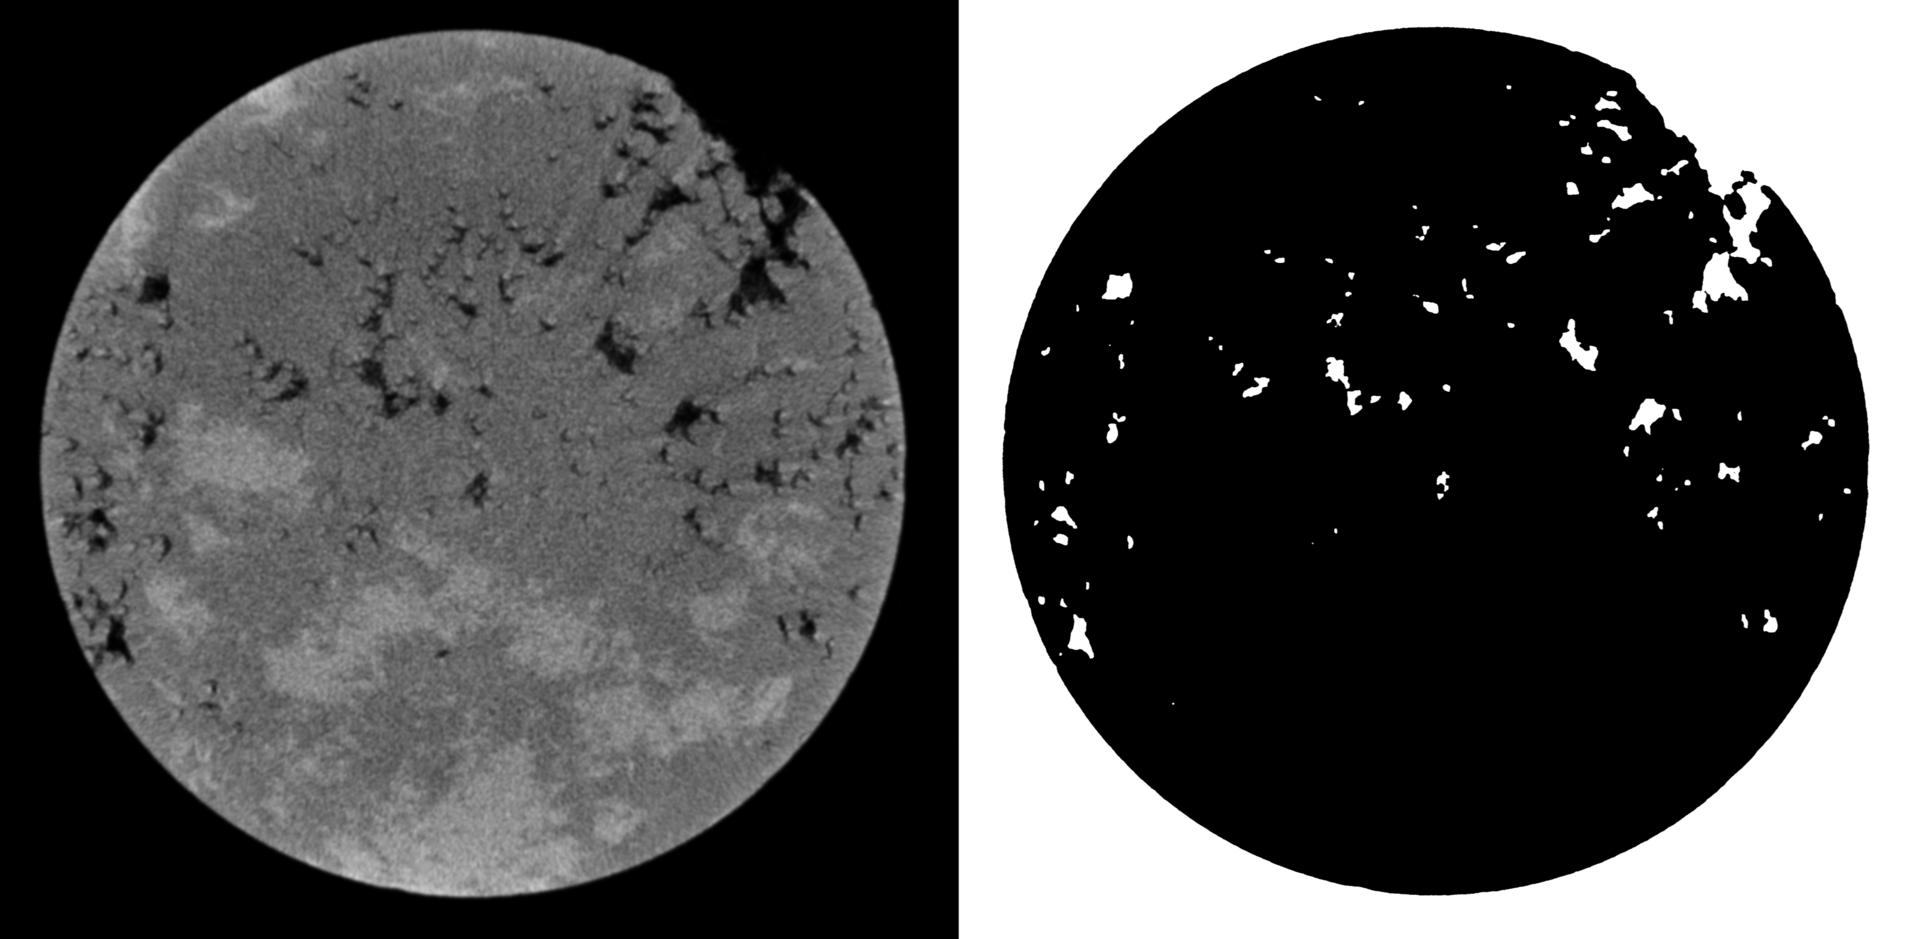 Бинарная сегментация изображений методом фиксации уровня (Level set method) - 10